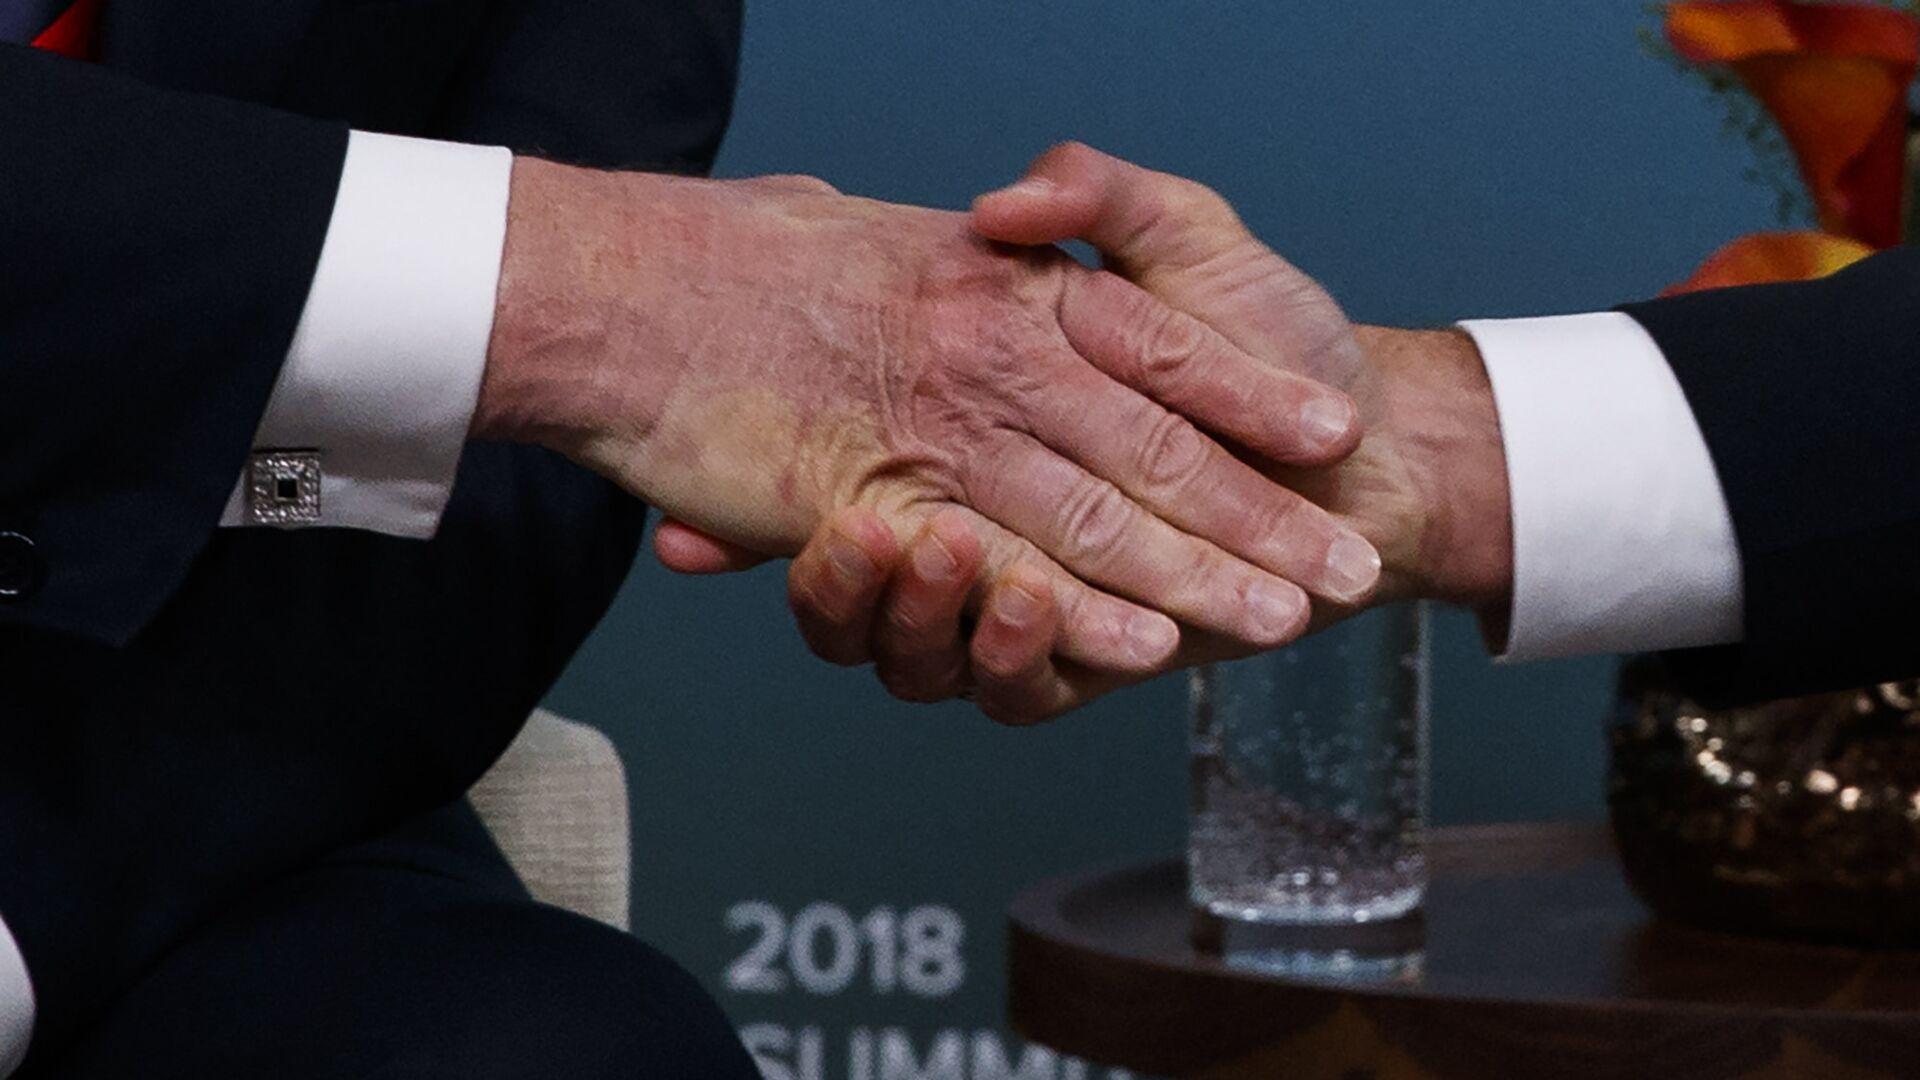 Рукопожатие президентов США и Франции Дональда Трампа и Эммануэля Макрона на саммите G7. 8 июня 2018 - РИА Новости, 1920, 07.05.2021